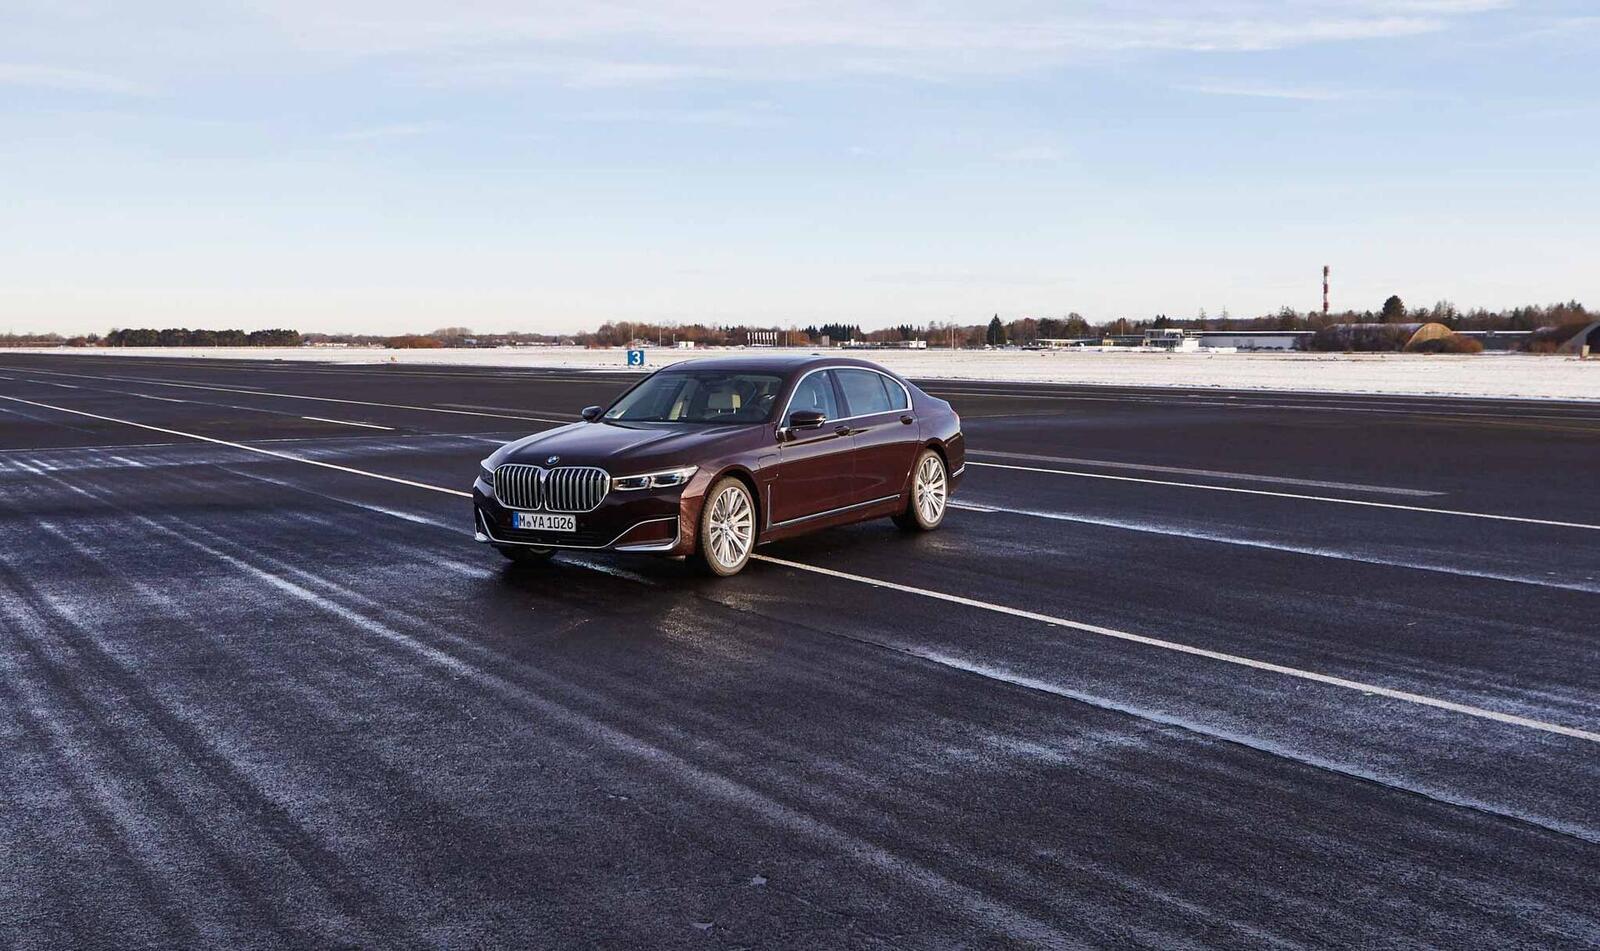 BMW giới thiệu 7 Series PHEV 2020 mới; lắp động cơ 3.0L mới thay chế cho 2.0L cũ - Hình 16